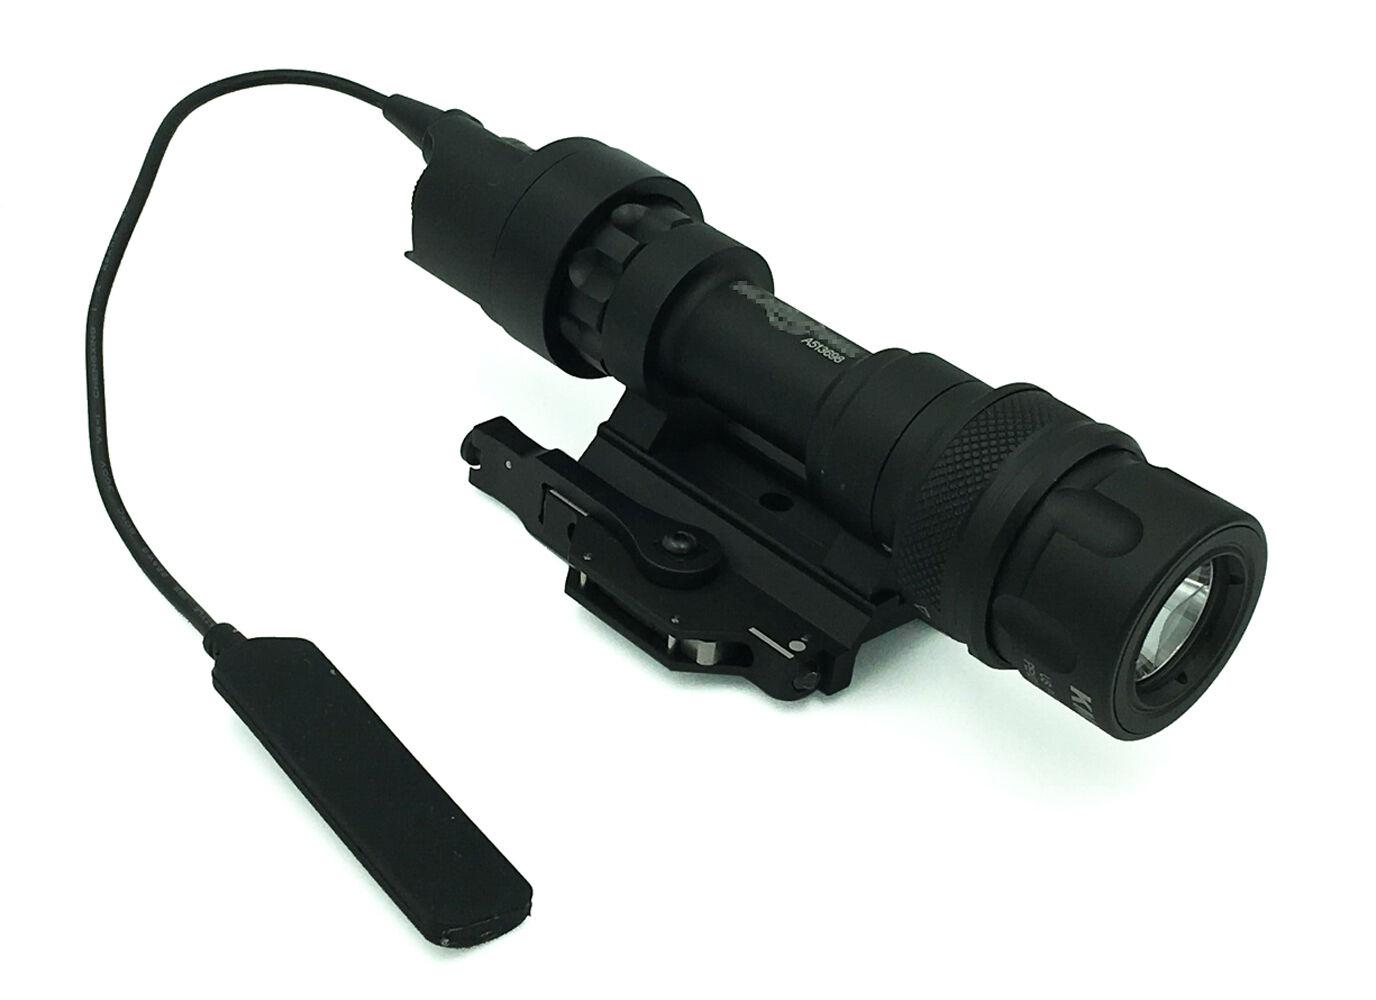 Luz Led blancoo M952V-IR Serie & Infra-rojo IR de salida dual linterna táctica